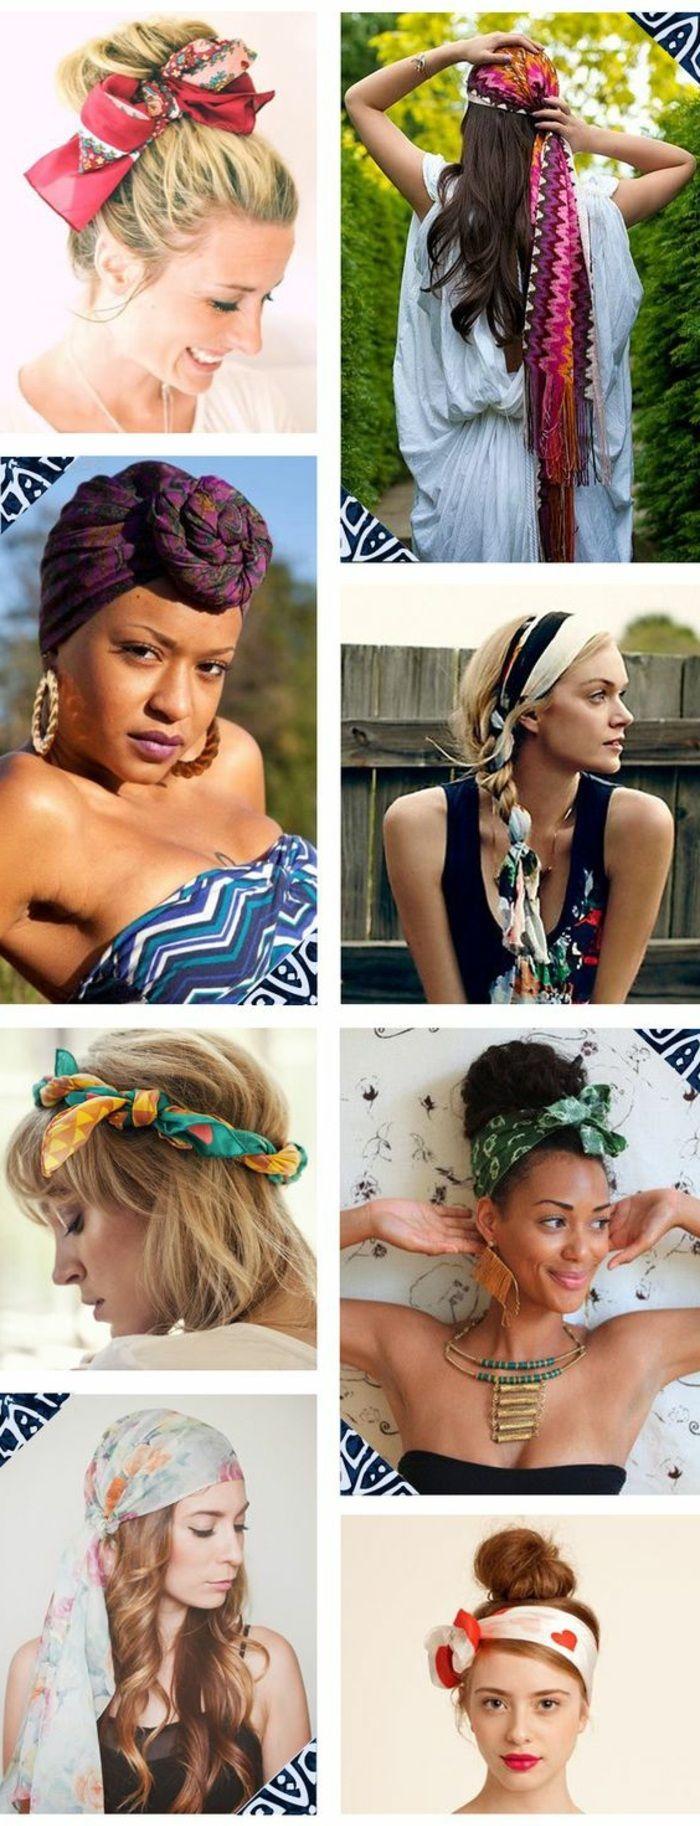 bandana frisuren, blonde haare, haare hochstecken, halskette